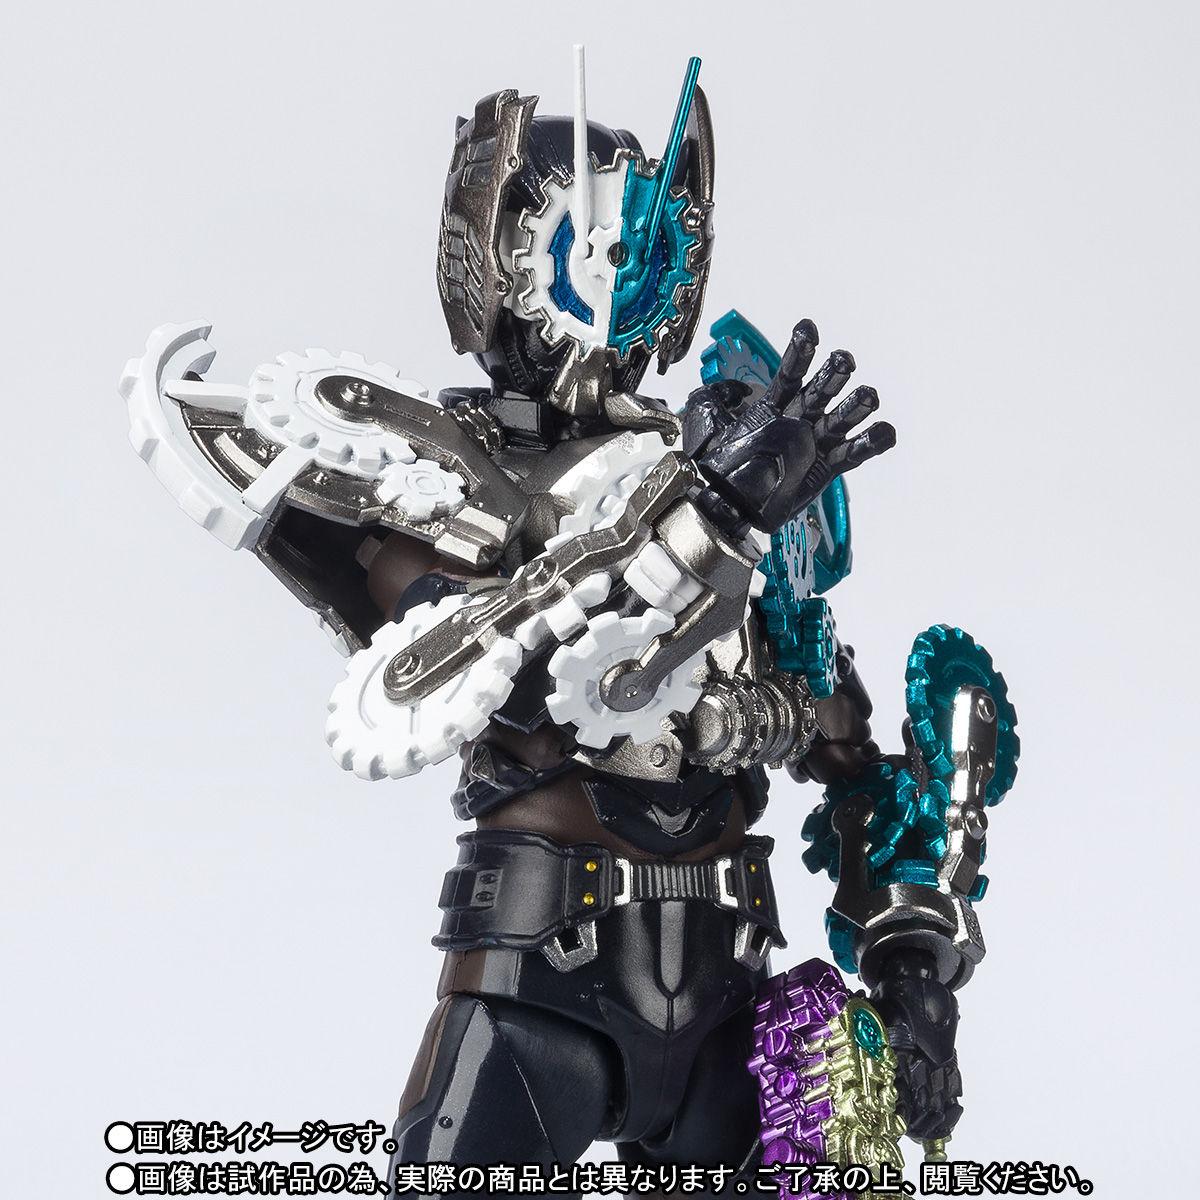 S.H.フィギュアーツ『ヘルブロス|仮面ライダービルド』可動フィギュア-001